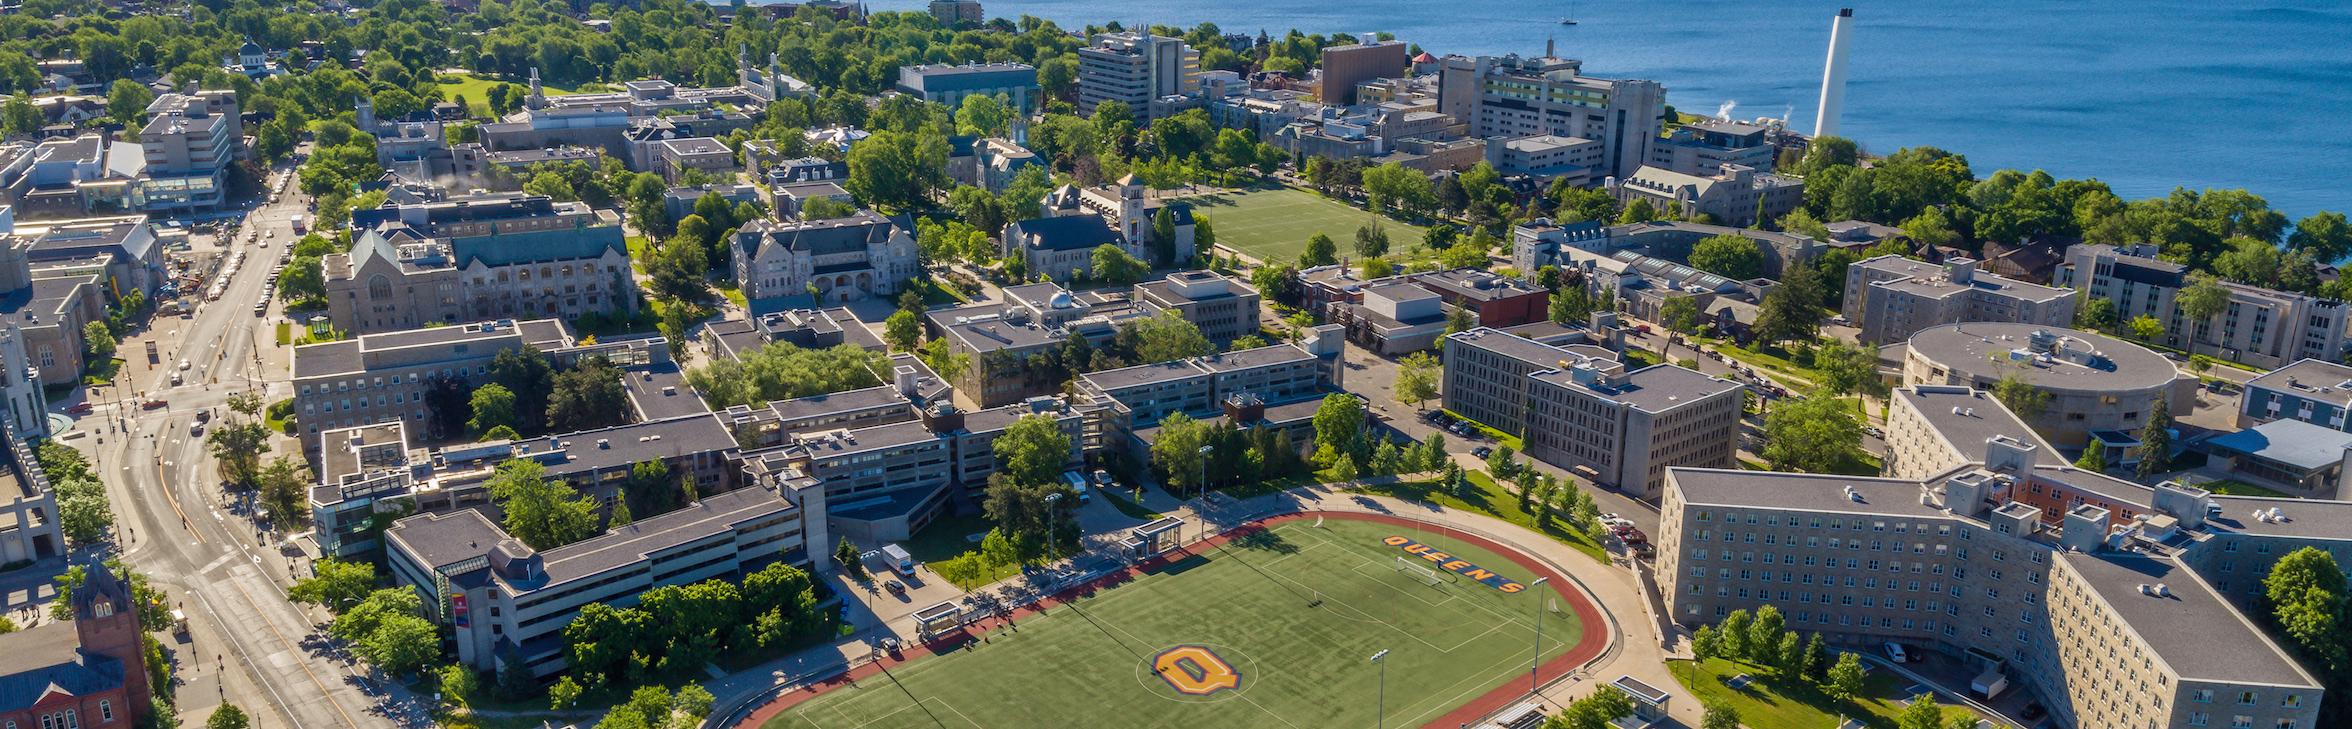 Queen's campus aerial shot